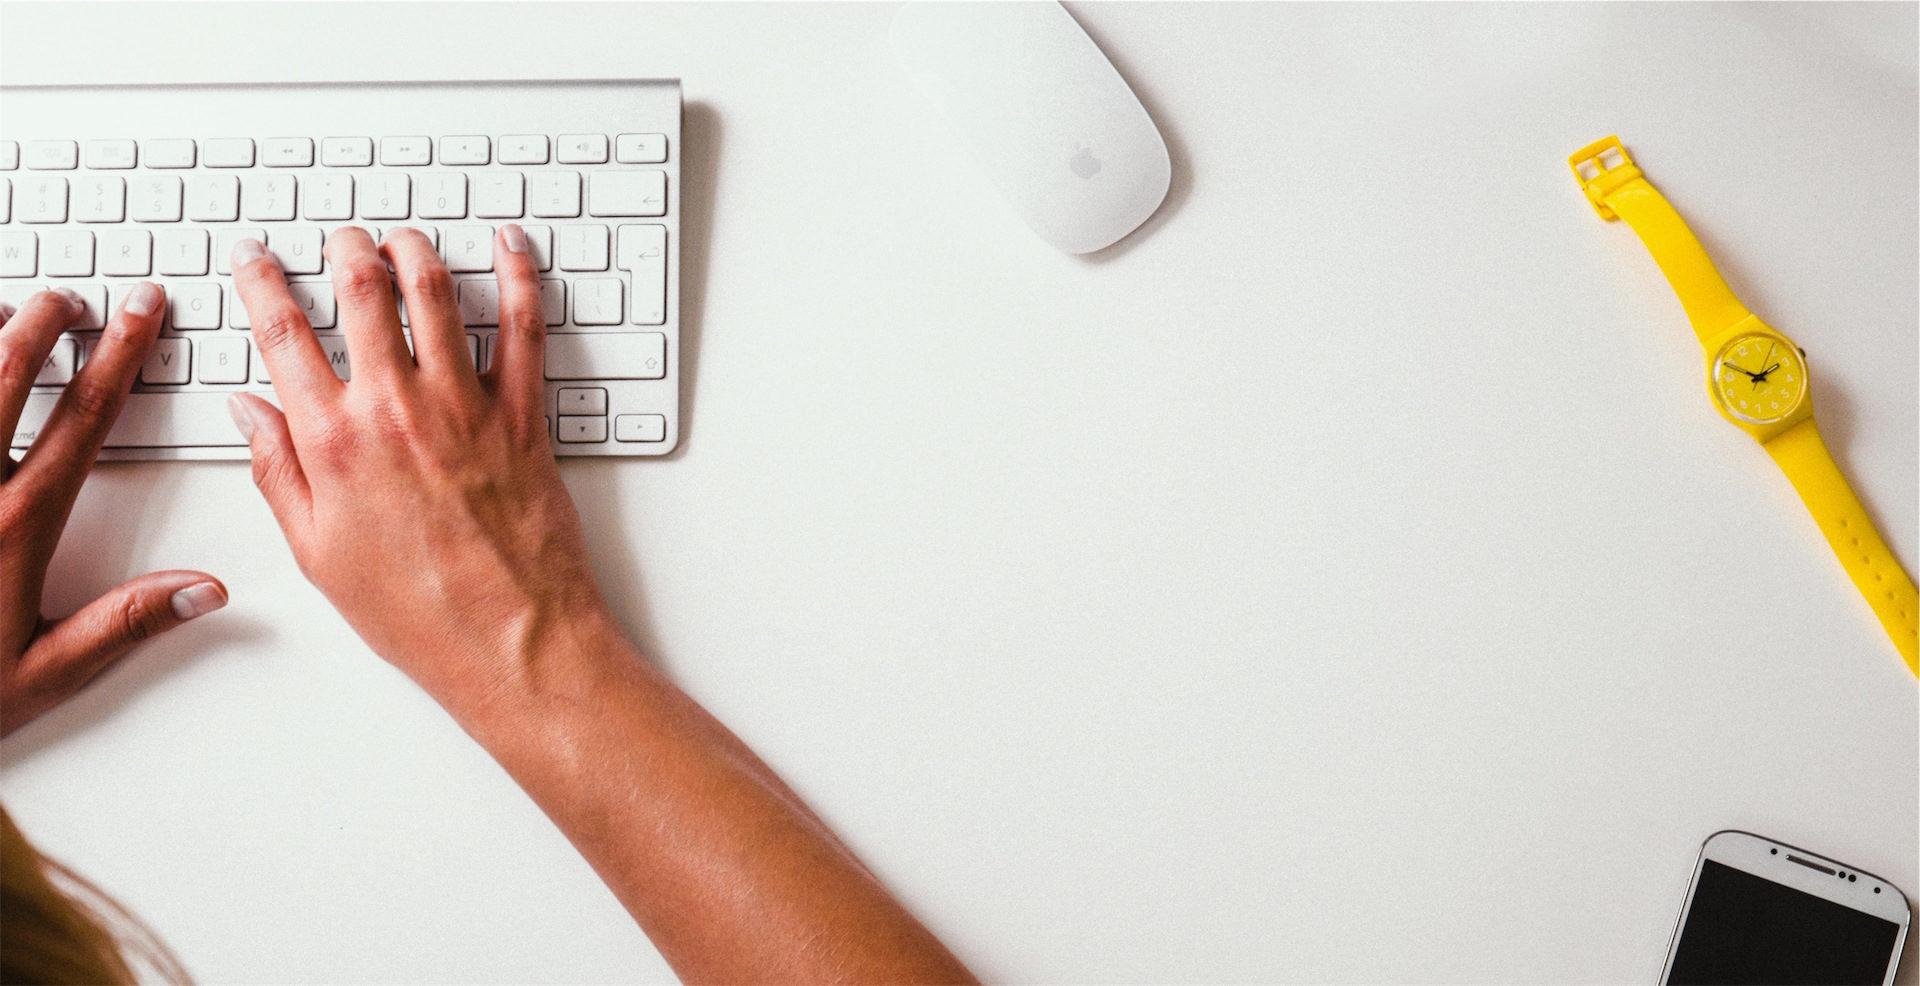 办公室, 工作, 手, 计算机, 手表 - 高清壁纸 - 教授-falken.com